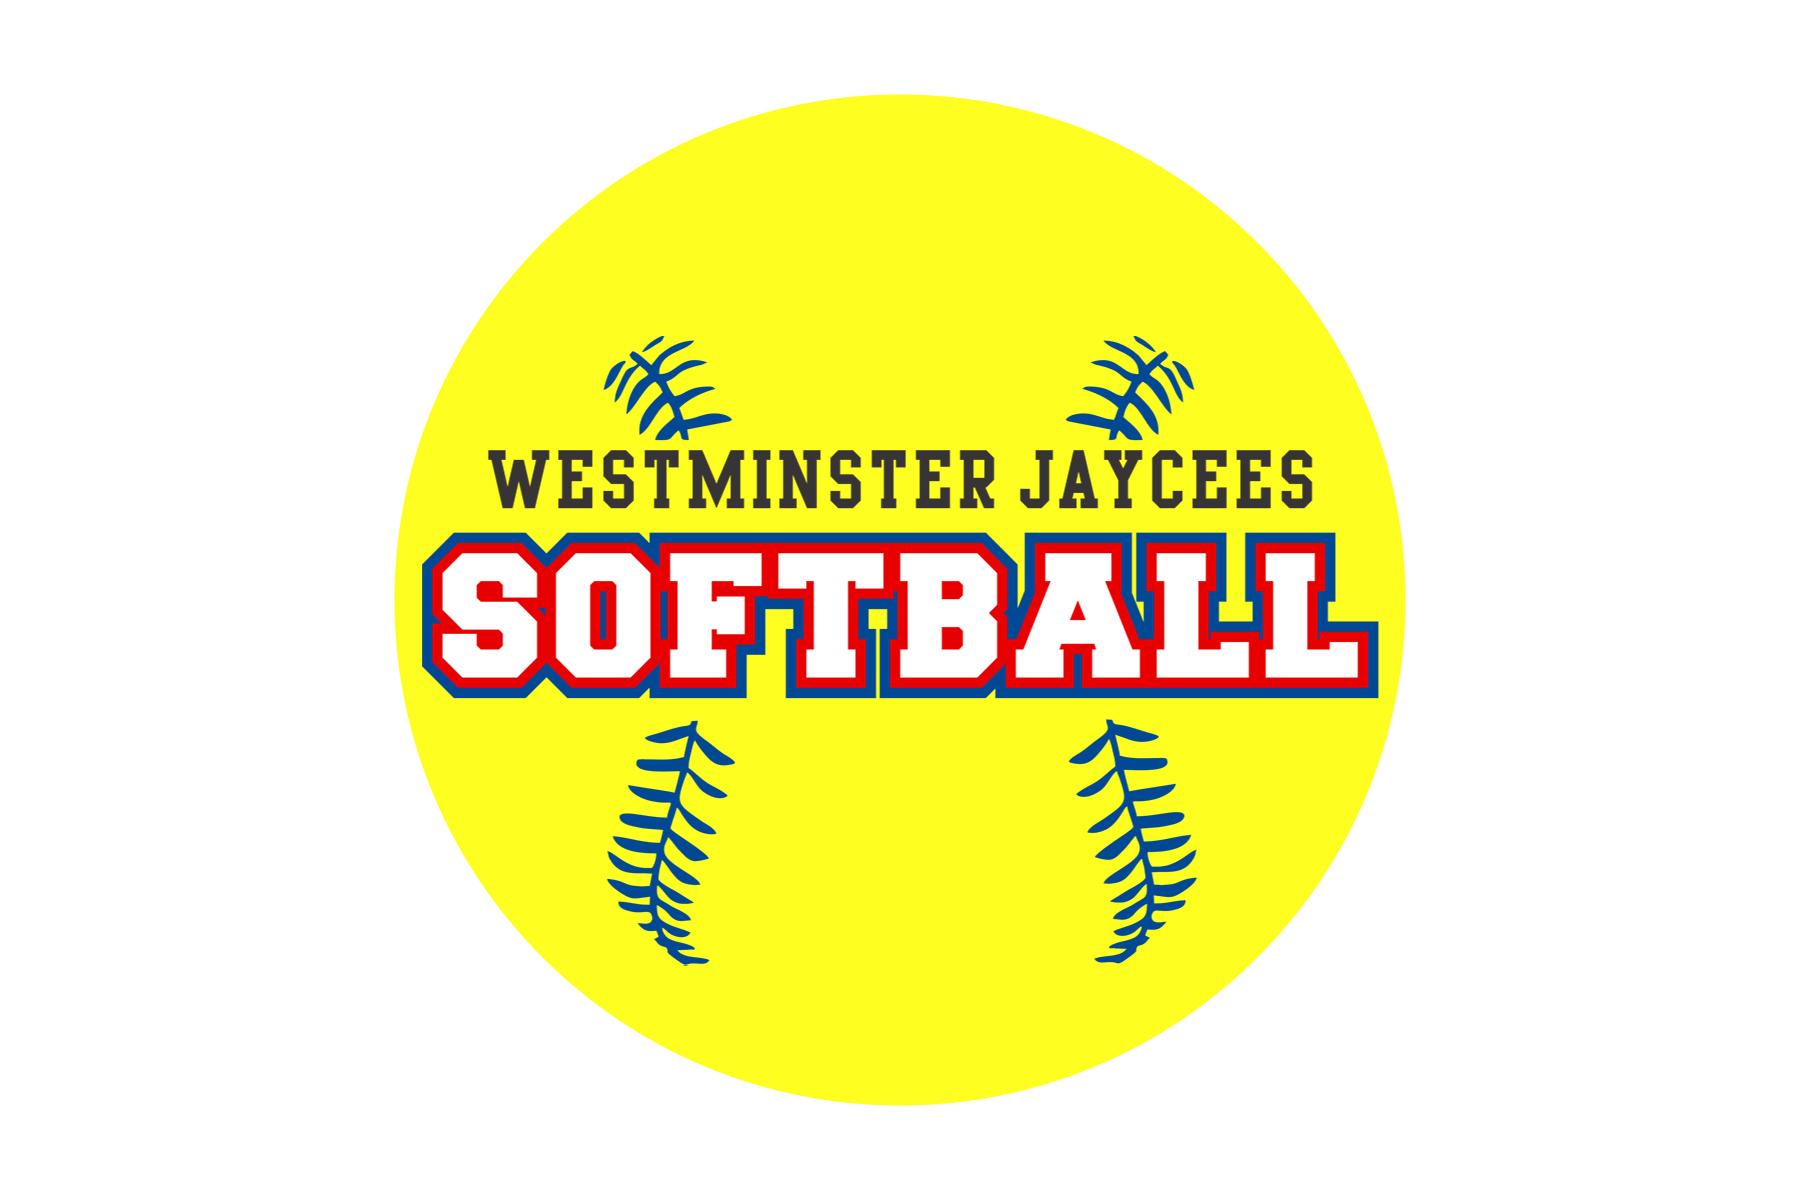 Westminster Jaycees